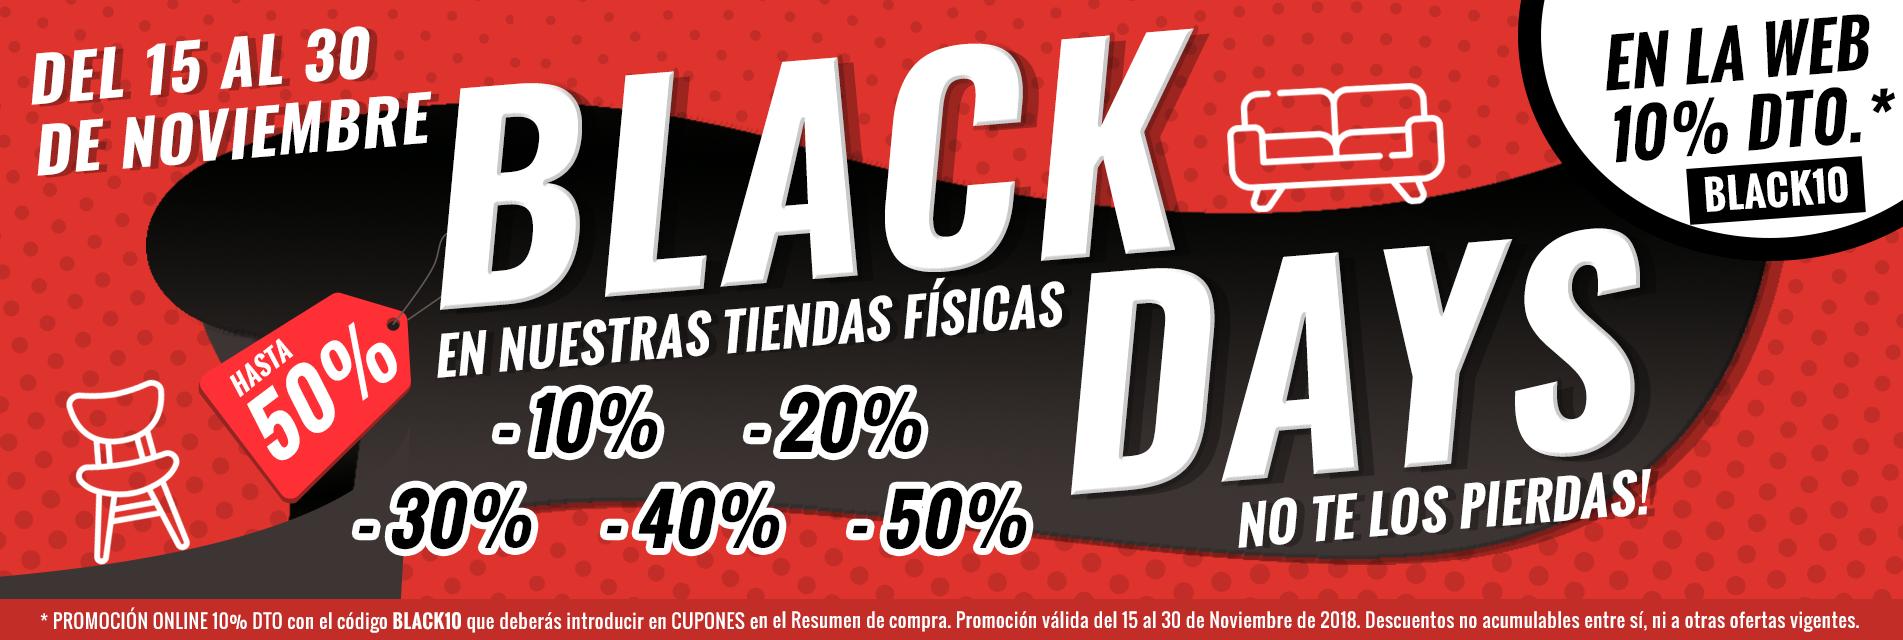 Black days en tiendas